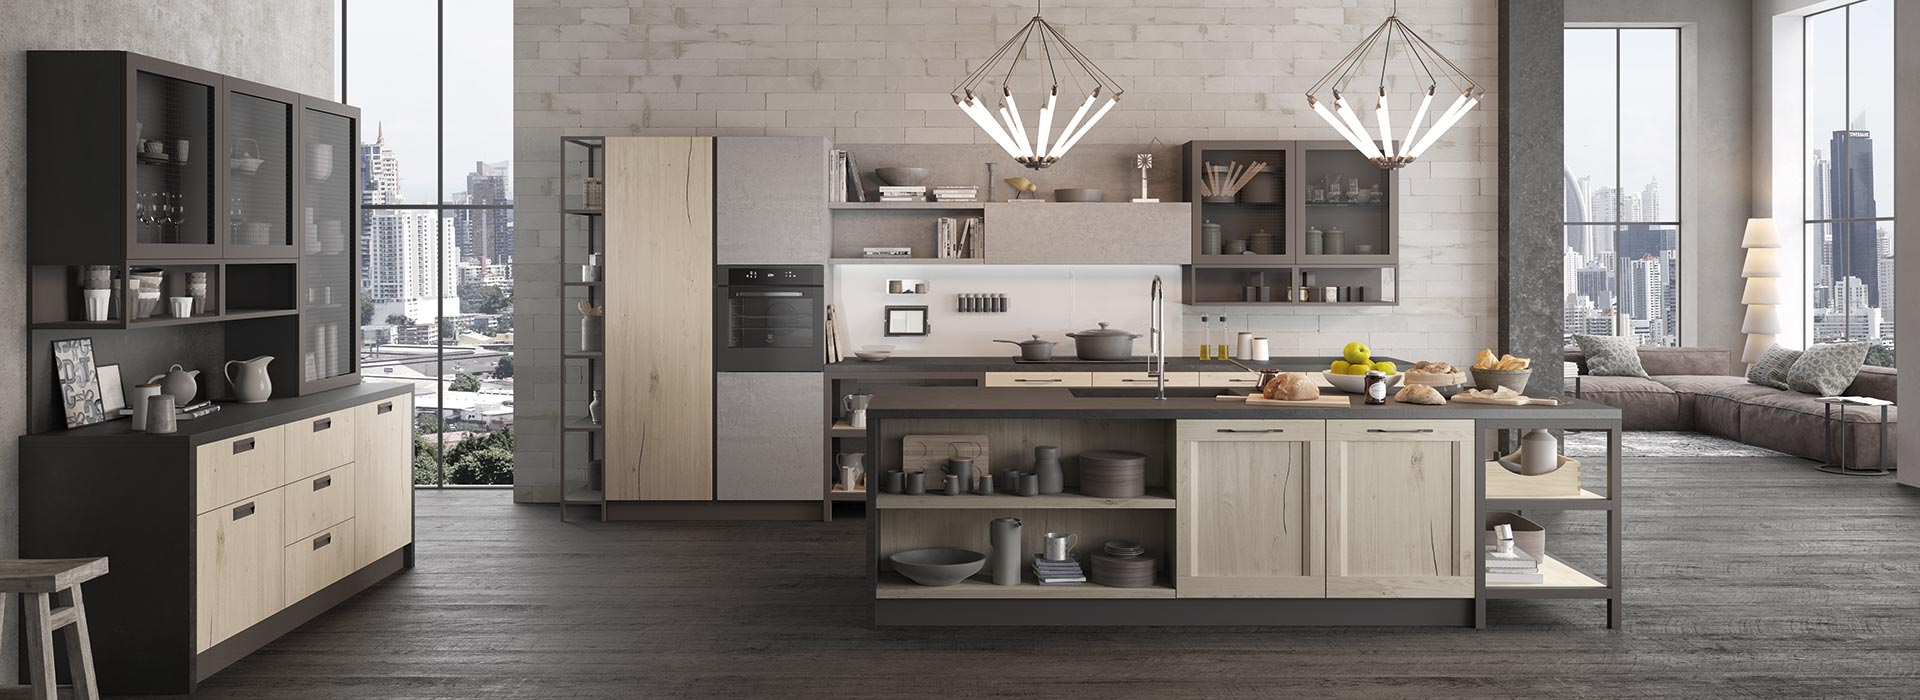 Design d 39 interni per cucine campobasso macrellino for Rivenditori arredo 3